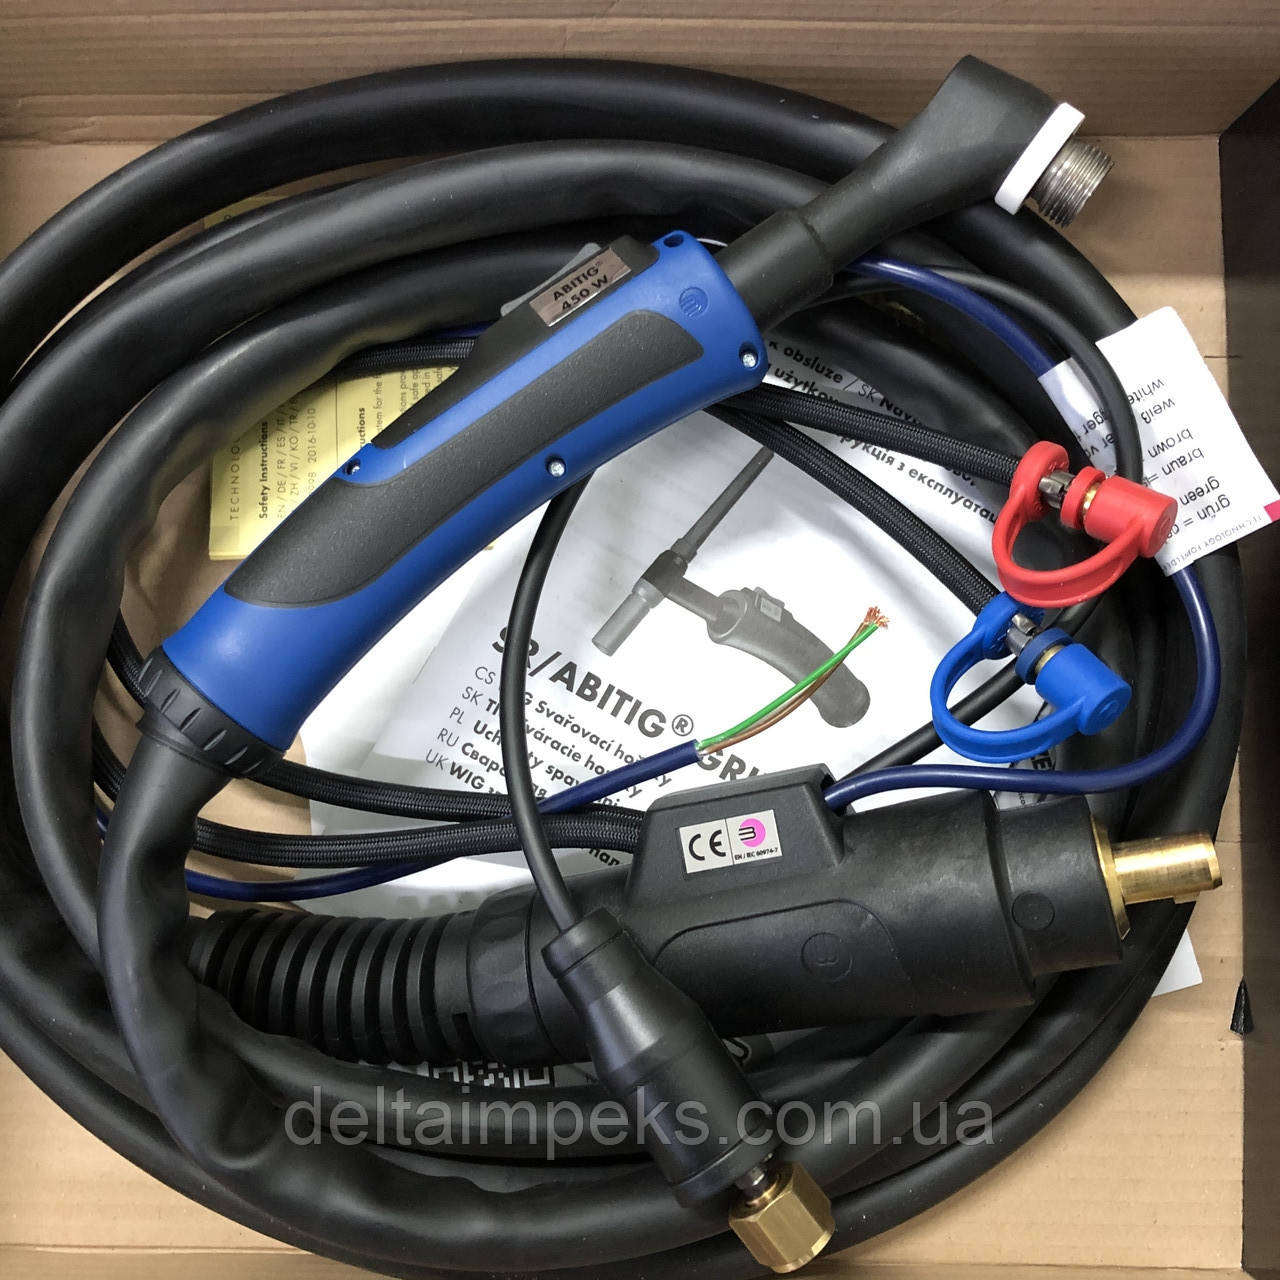 Горелка аргоновая ABITIG 450 W  GRIP 12,00 м, охлаждение жидкостью